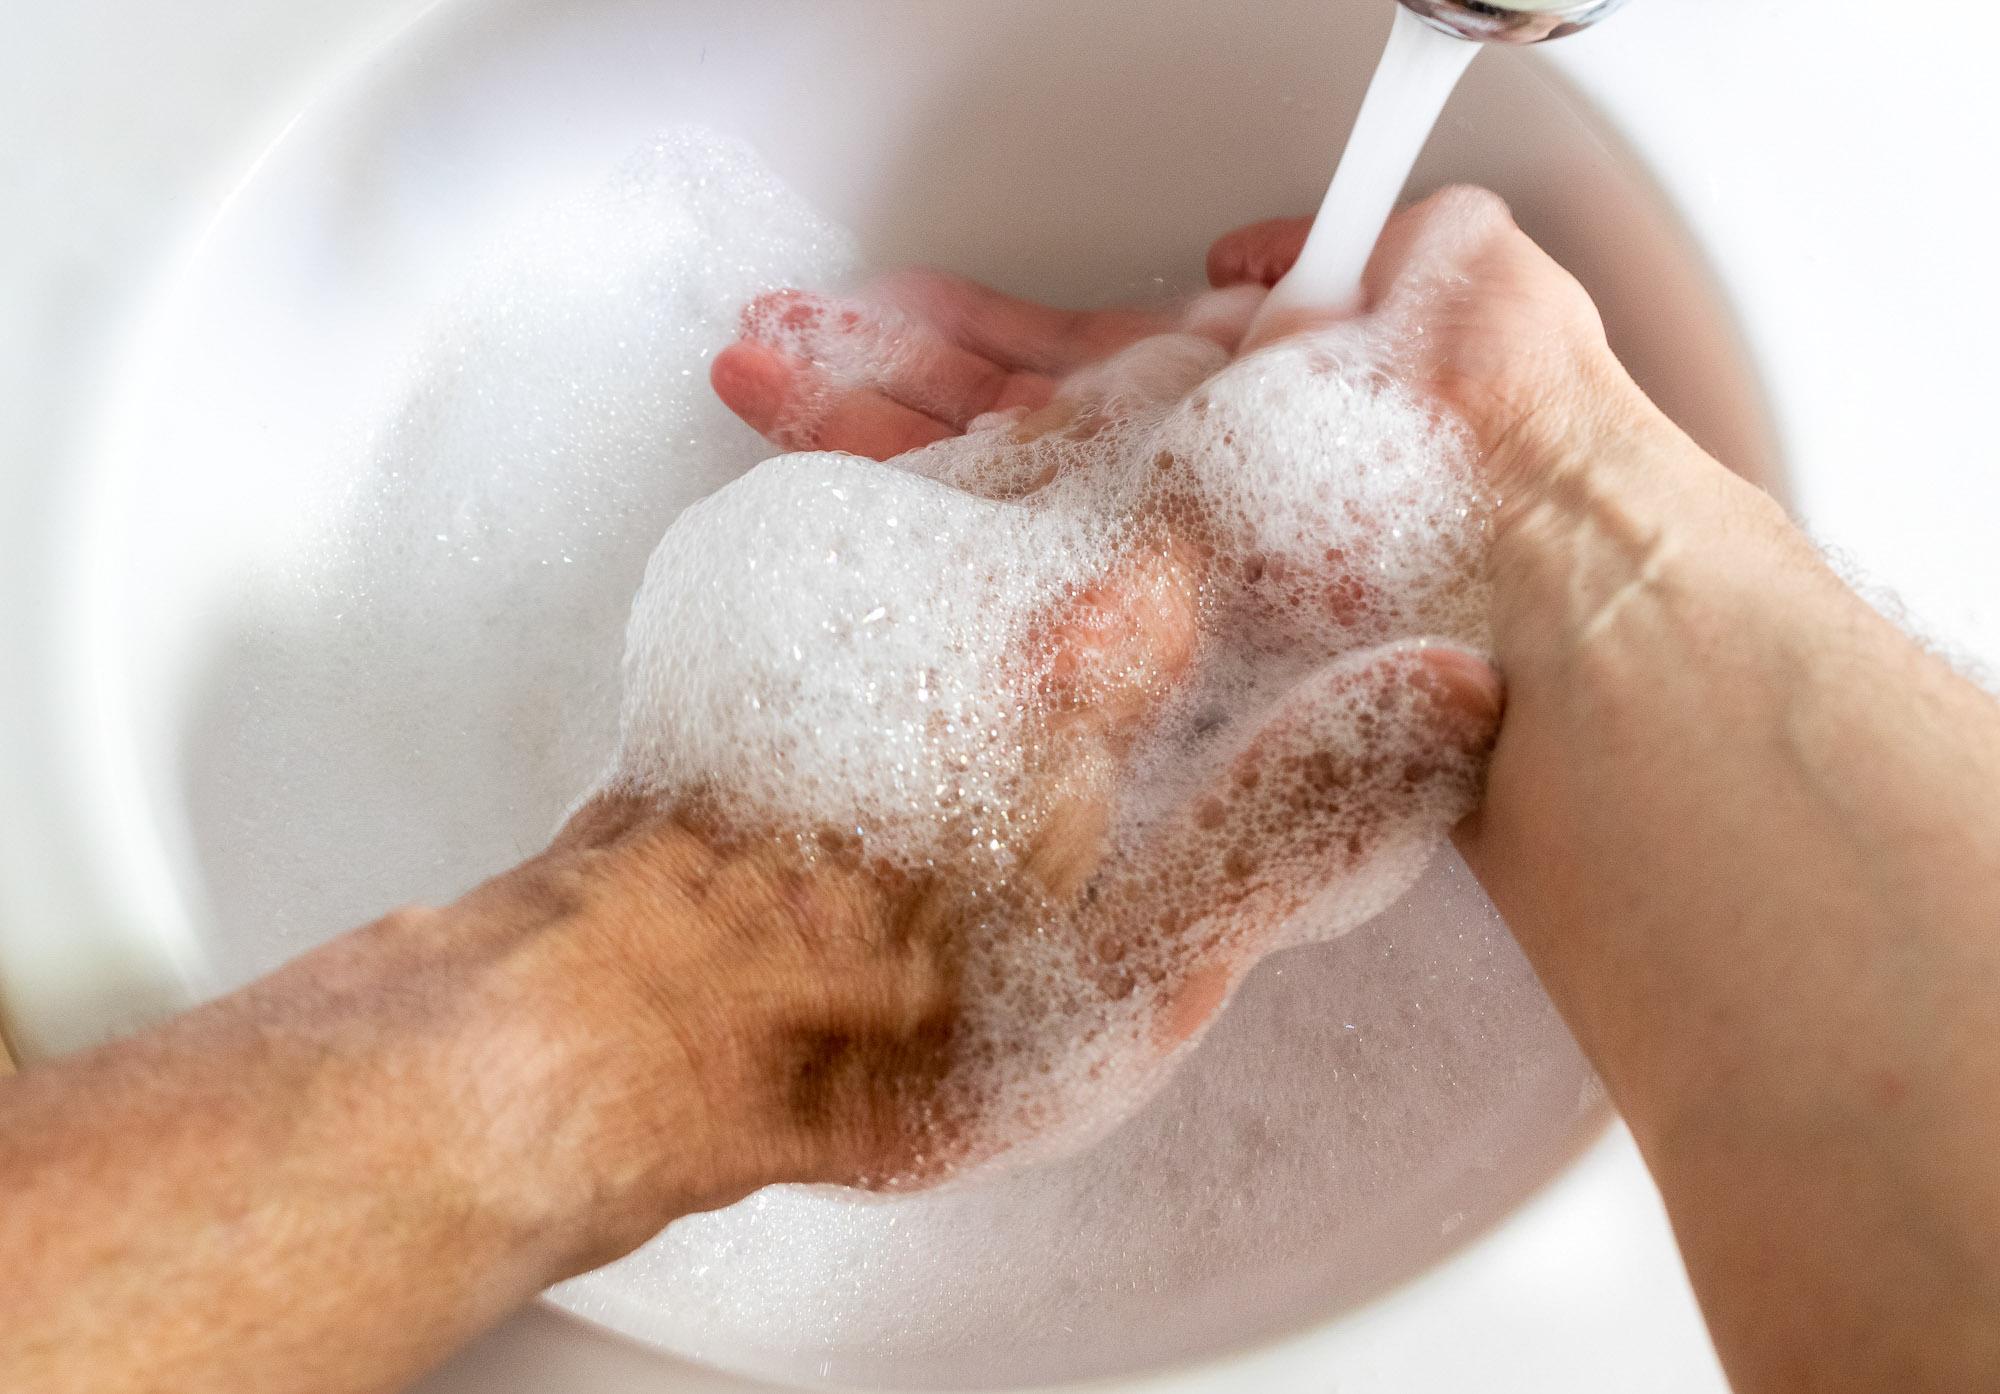 eine Hand wäscht die andere